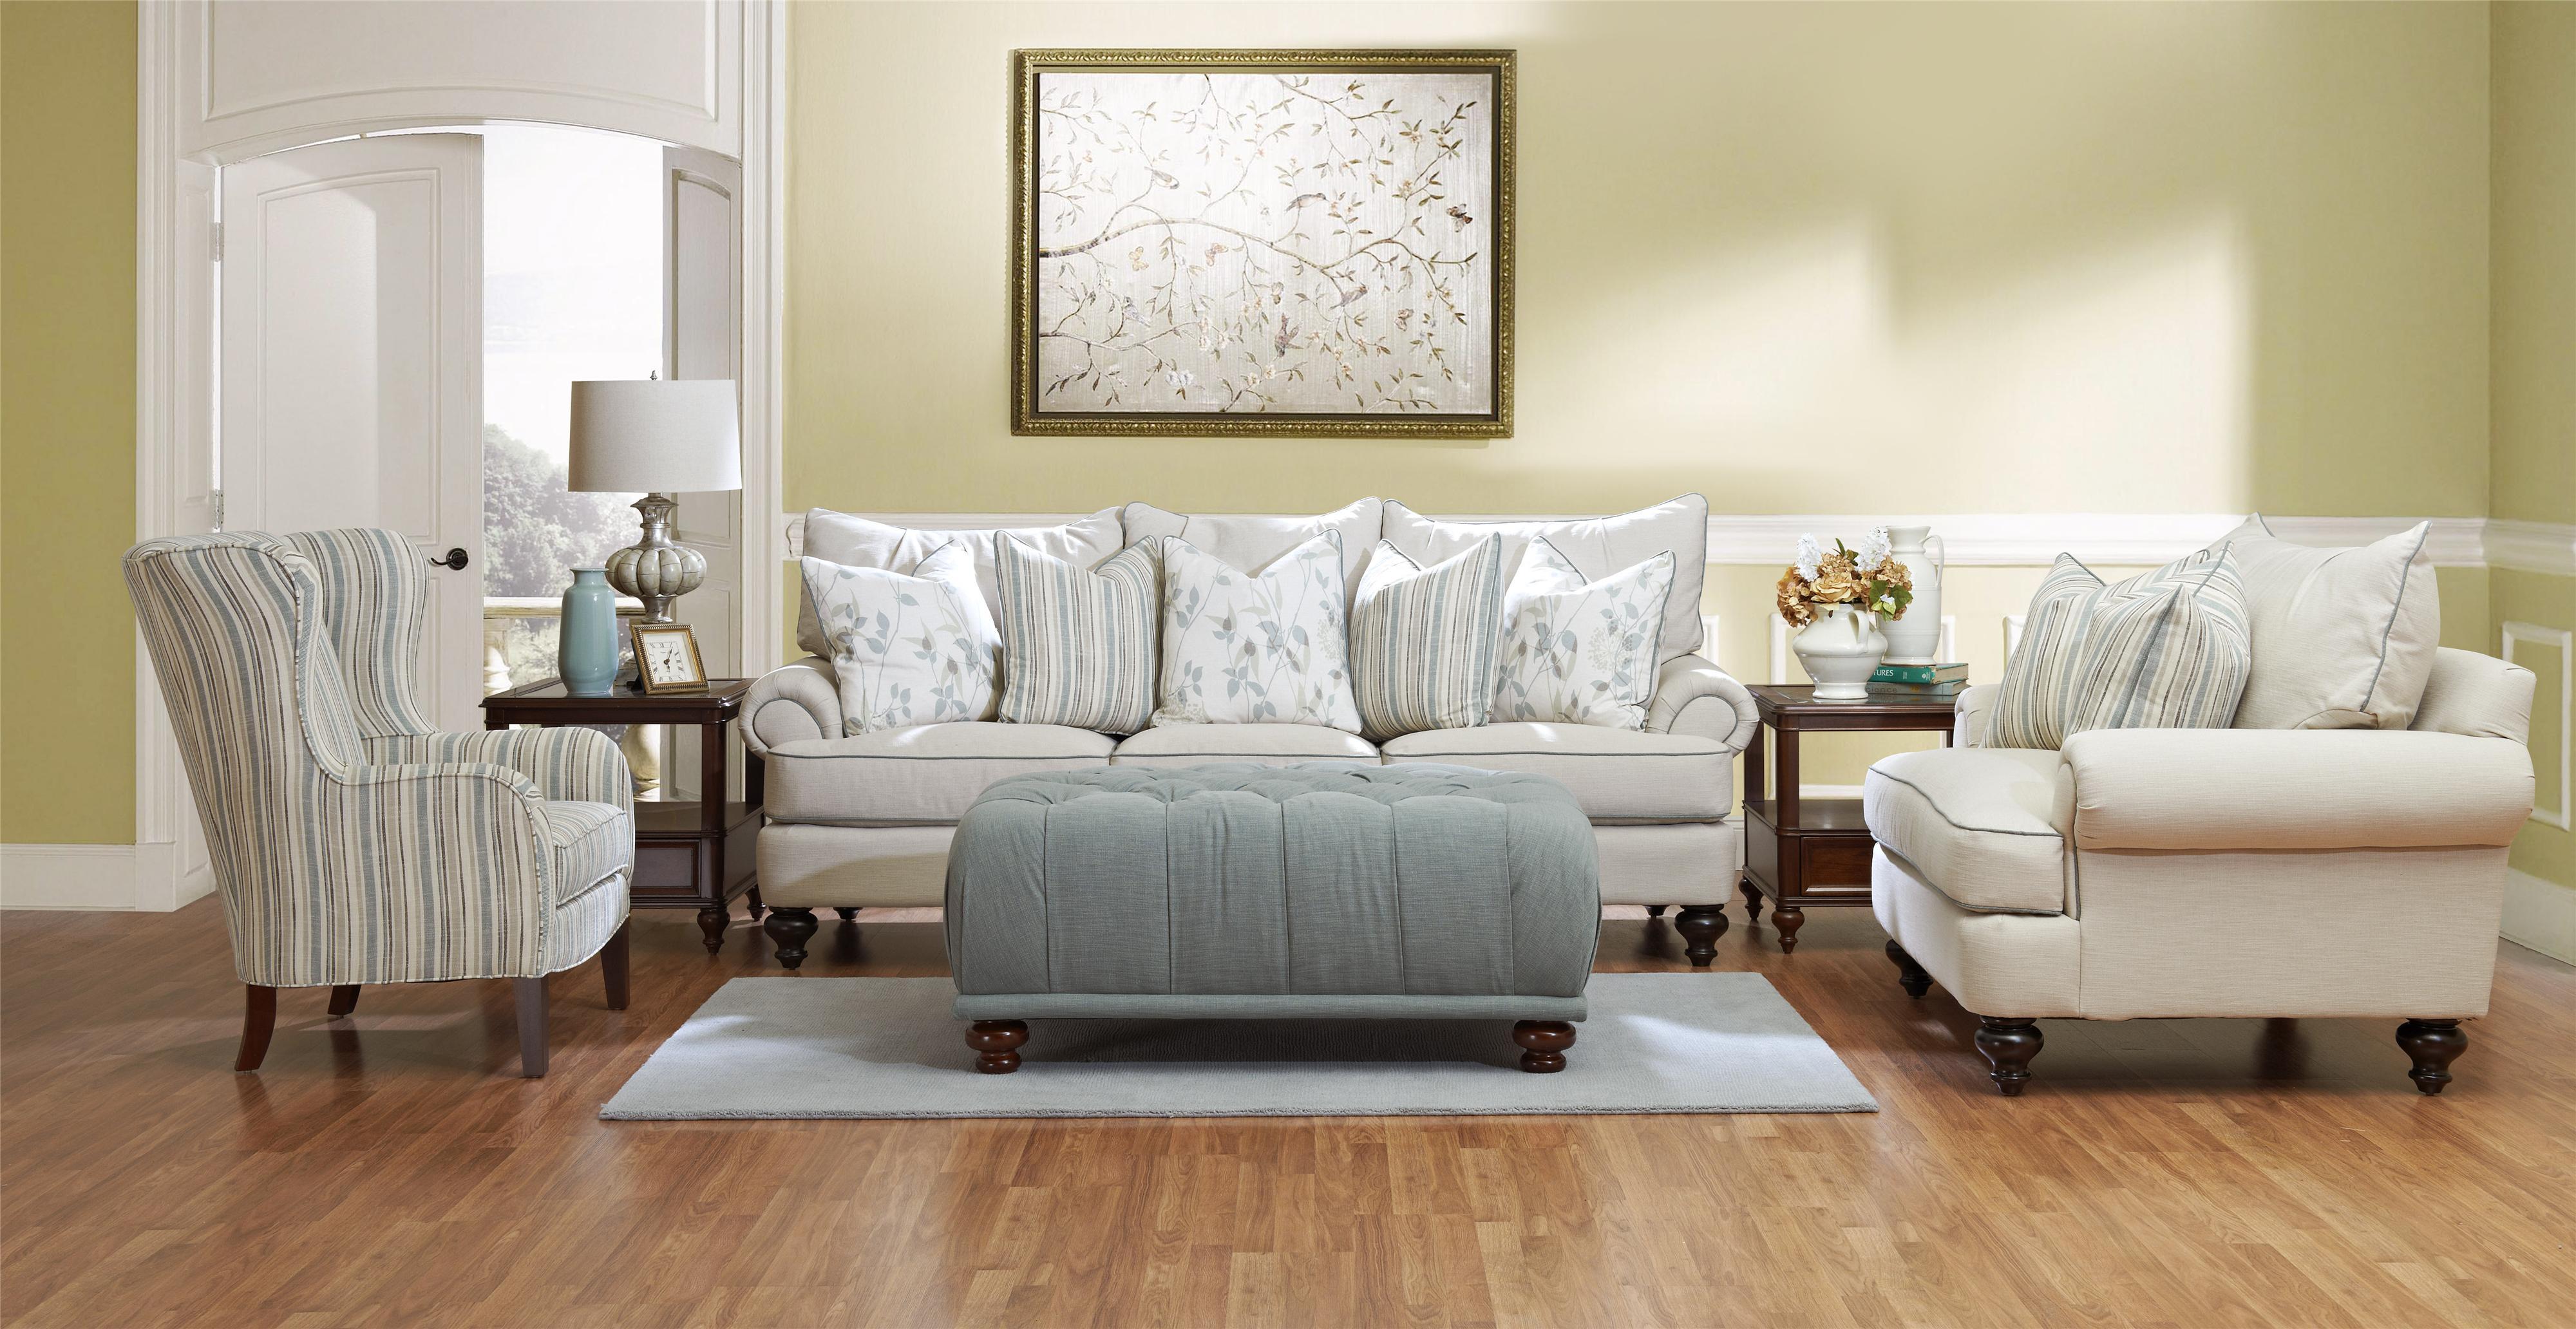 Klaussner ashworth d95200 stationary living room group for Klaus k living room brunssi